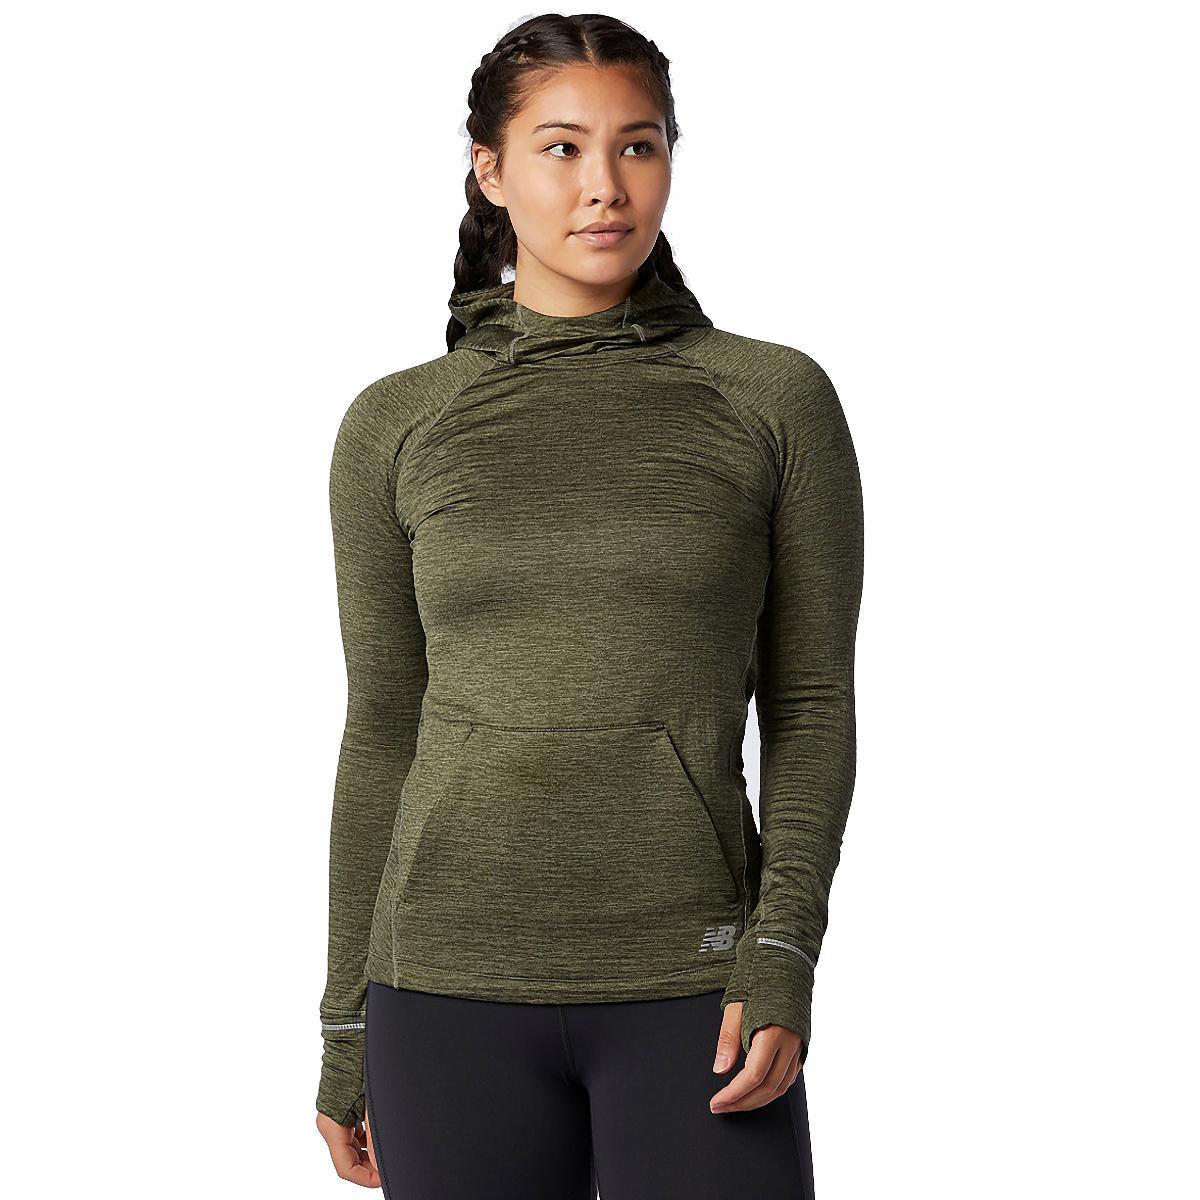 Women's New Balance Heat Grid Hoodie - Color: Oak Green - Size: XS, Oak Green, large, image 1